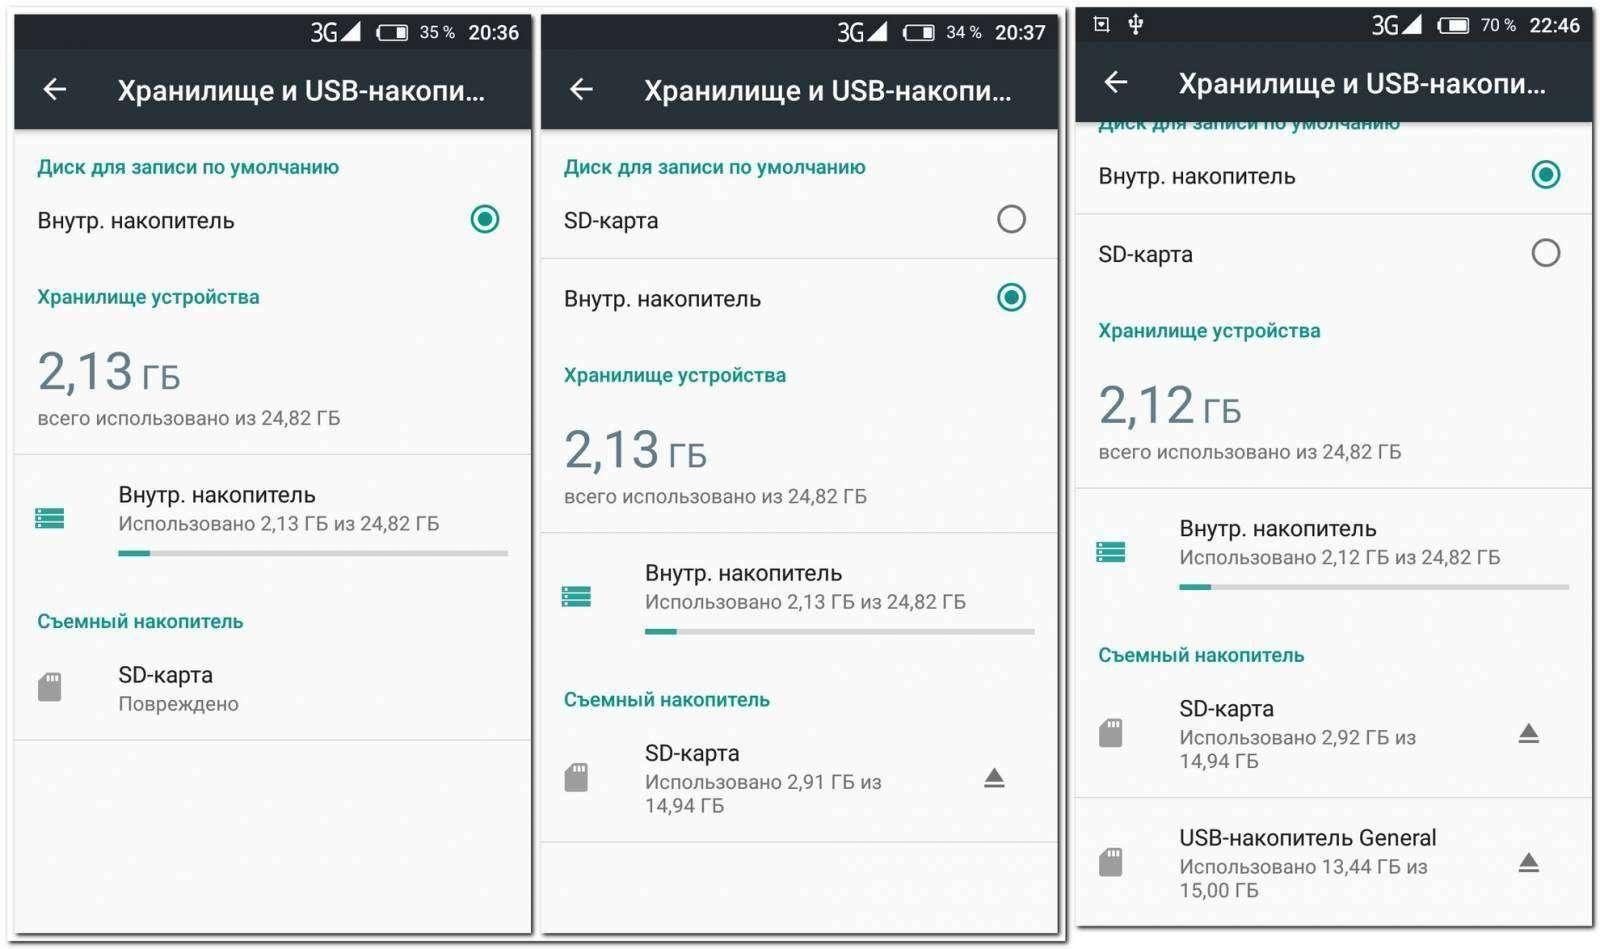 GearBest: Стеклянный бюджетник - тонкий 5' смартфон Uhans S1